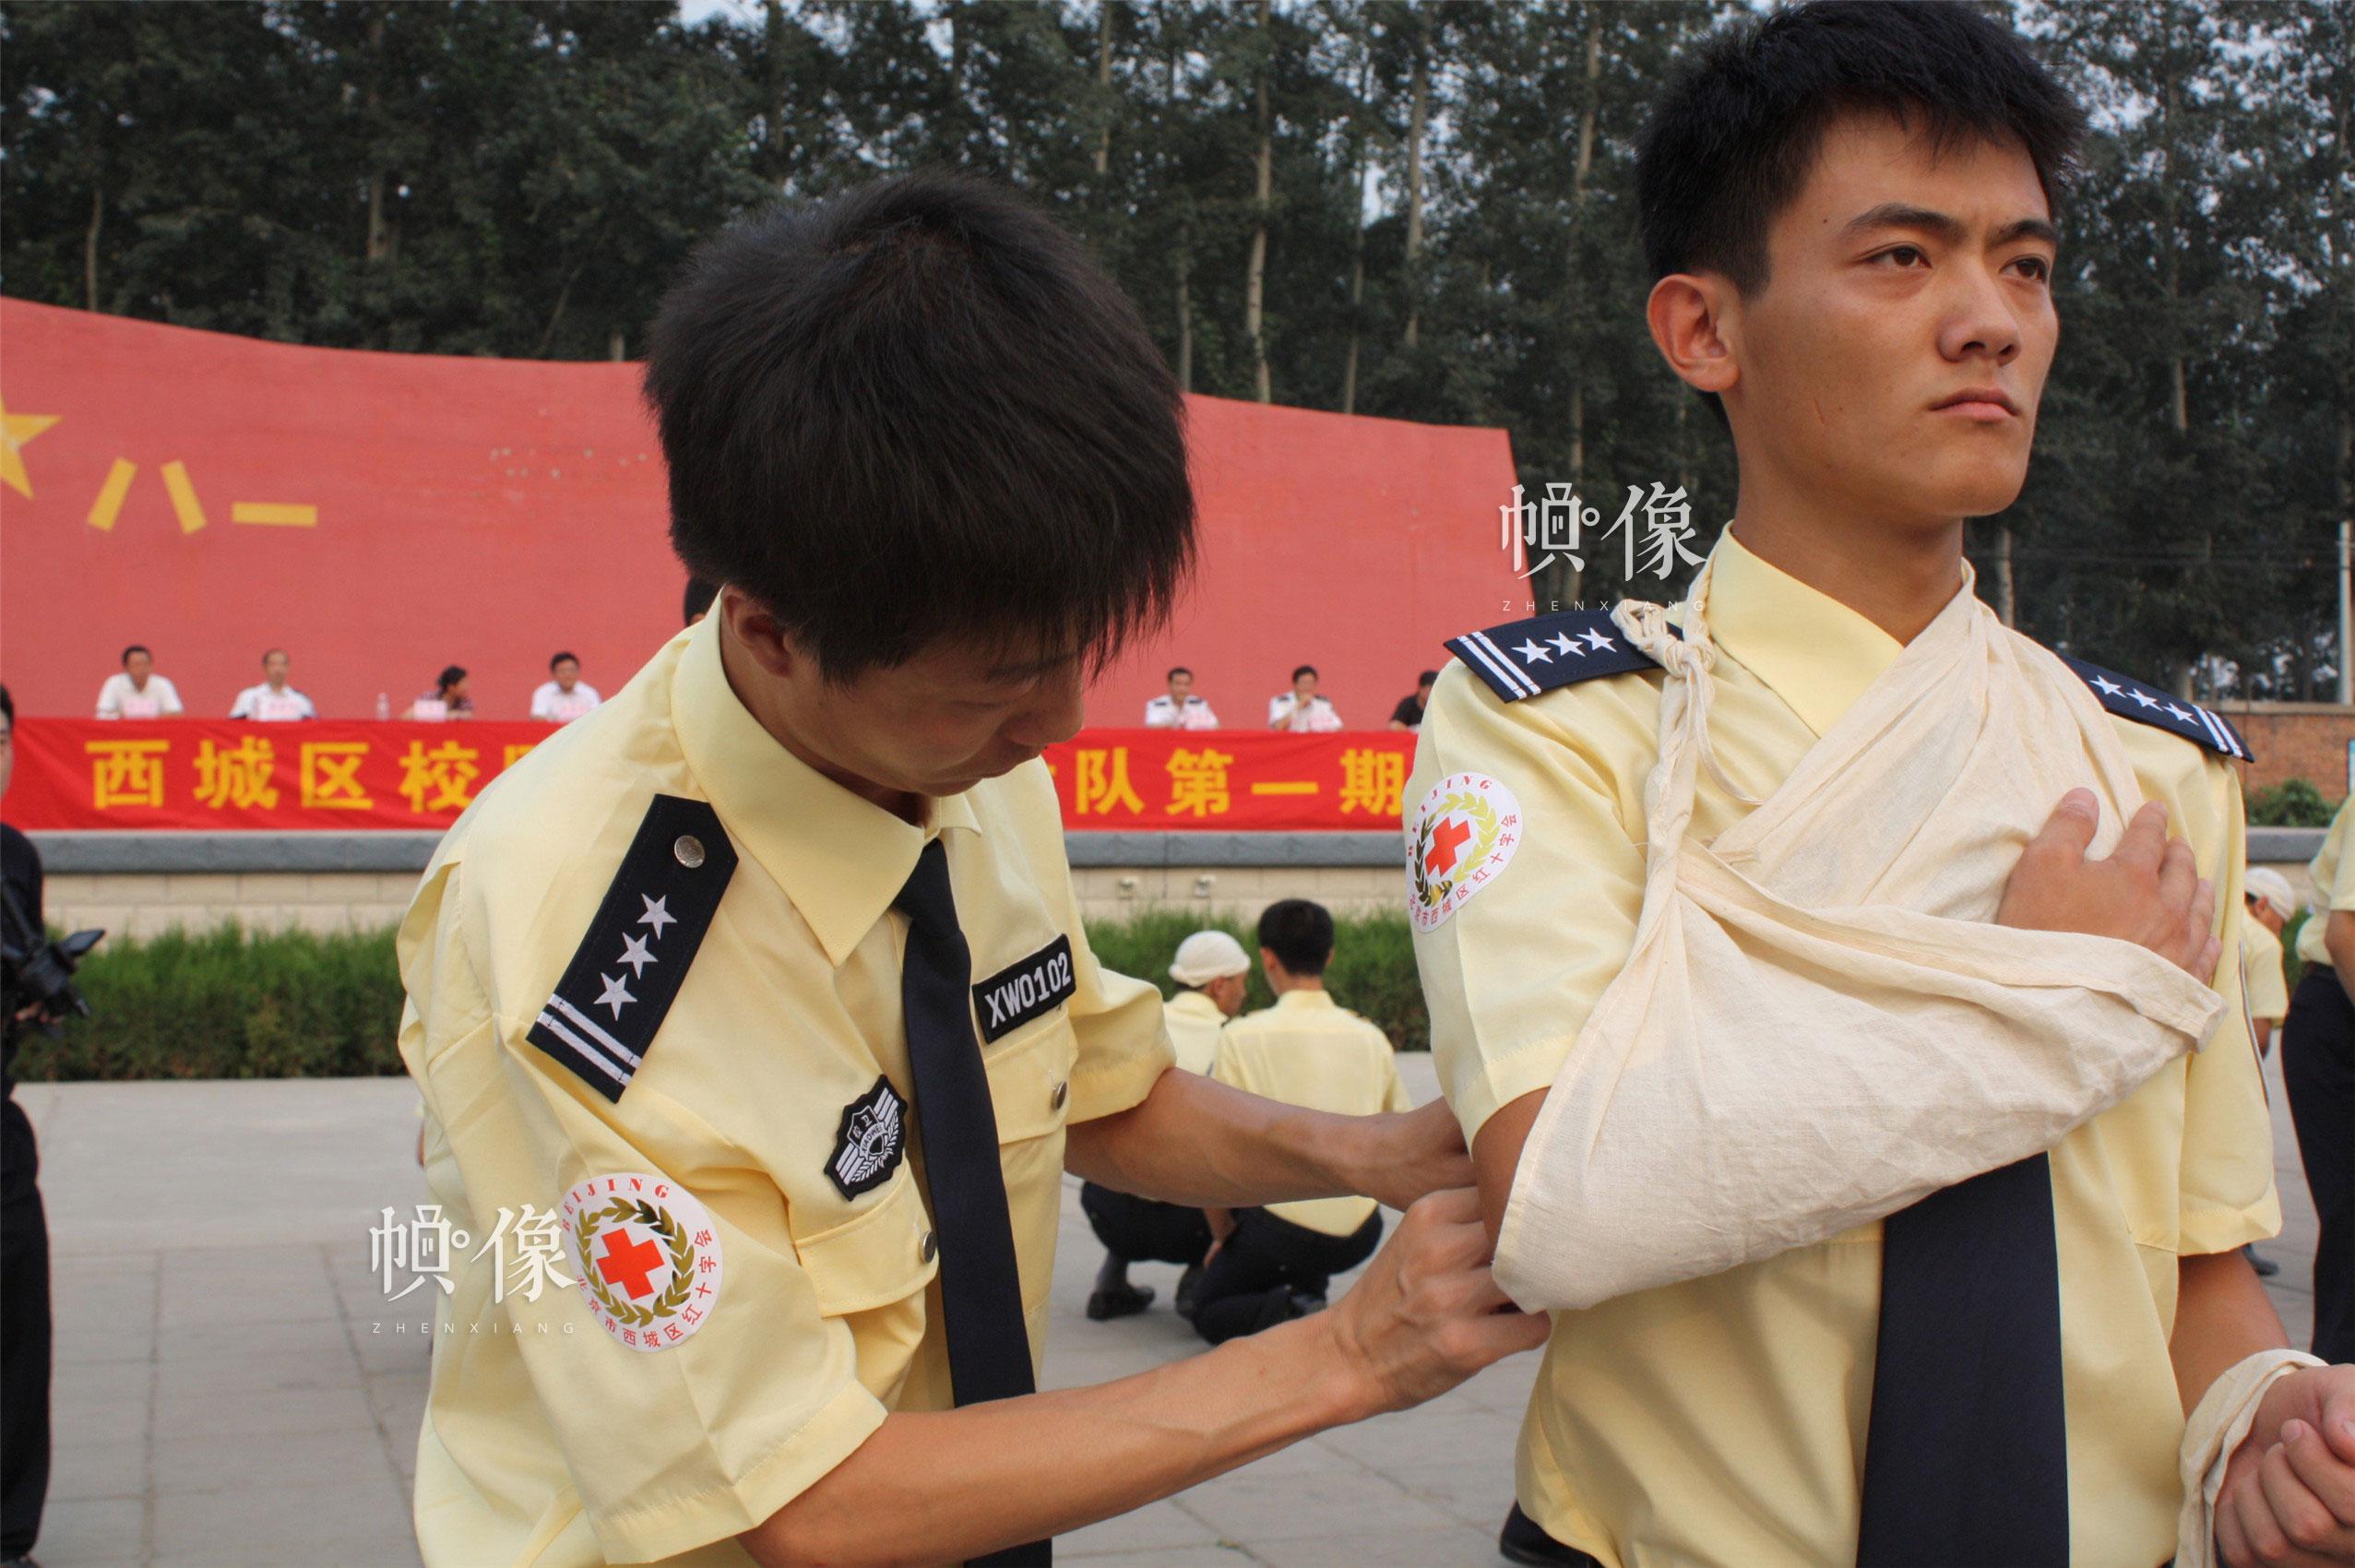 2010年8月3日,西城区红十字会为各中小学校设立的校园护卫队员进行应急救护培训。(西城区红十字会供图)